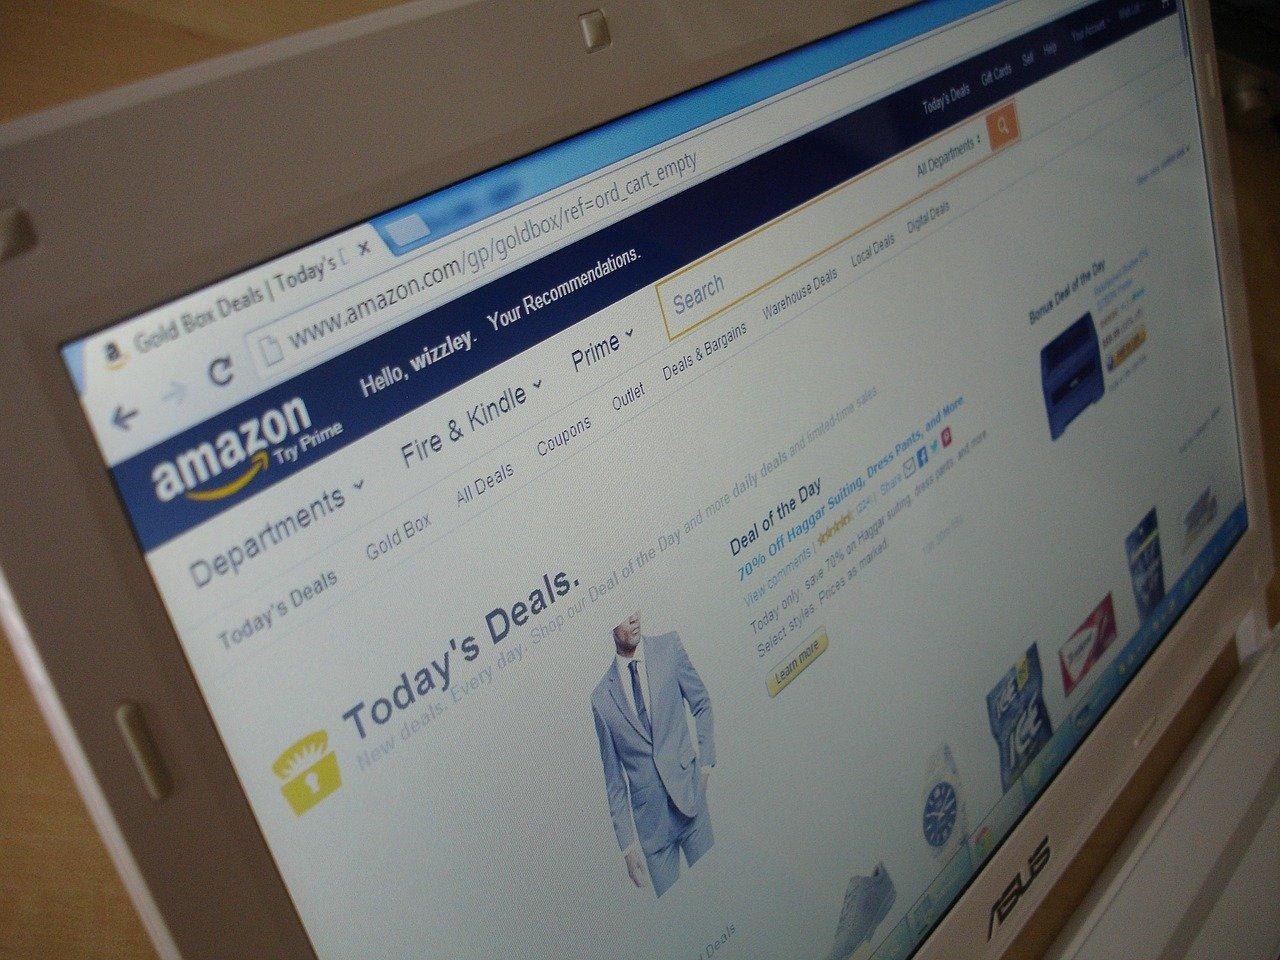 Bestseller Amazon Elettronica: i prodotti più venduti in Italia